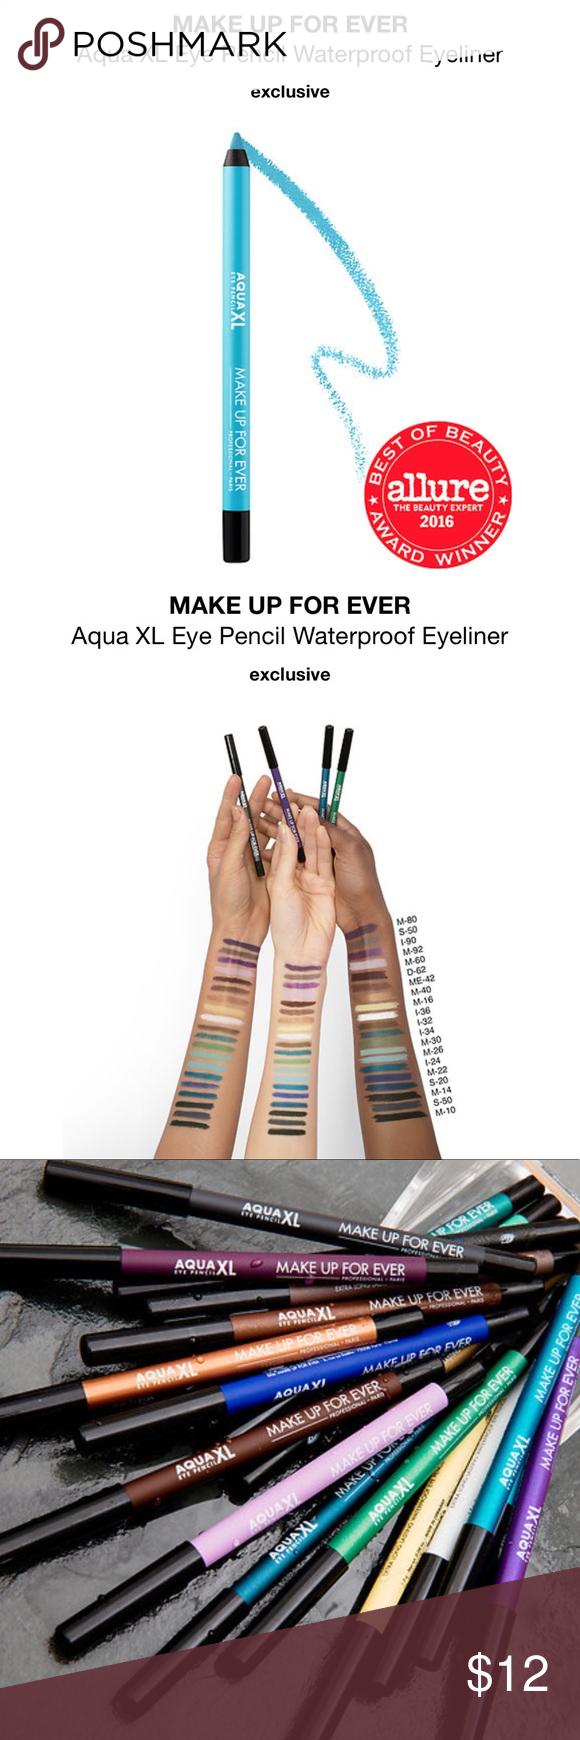 Make Up For Ever Aqua XL Eyeliner in Blue M26 NWT Make